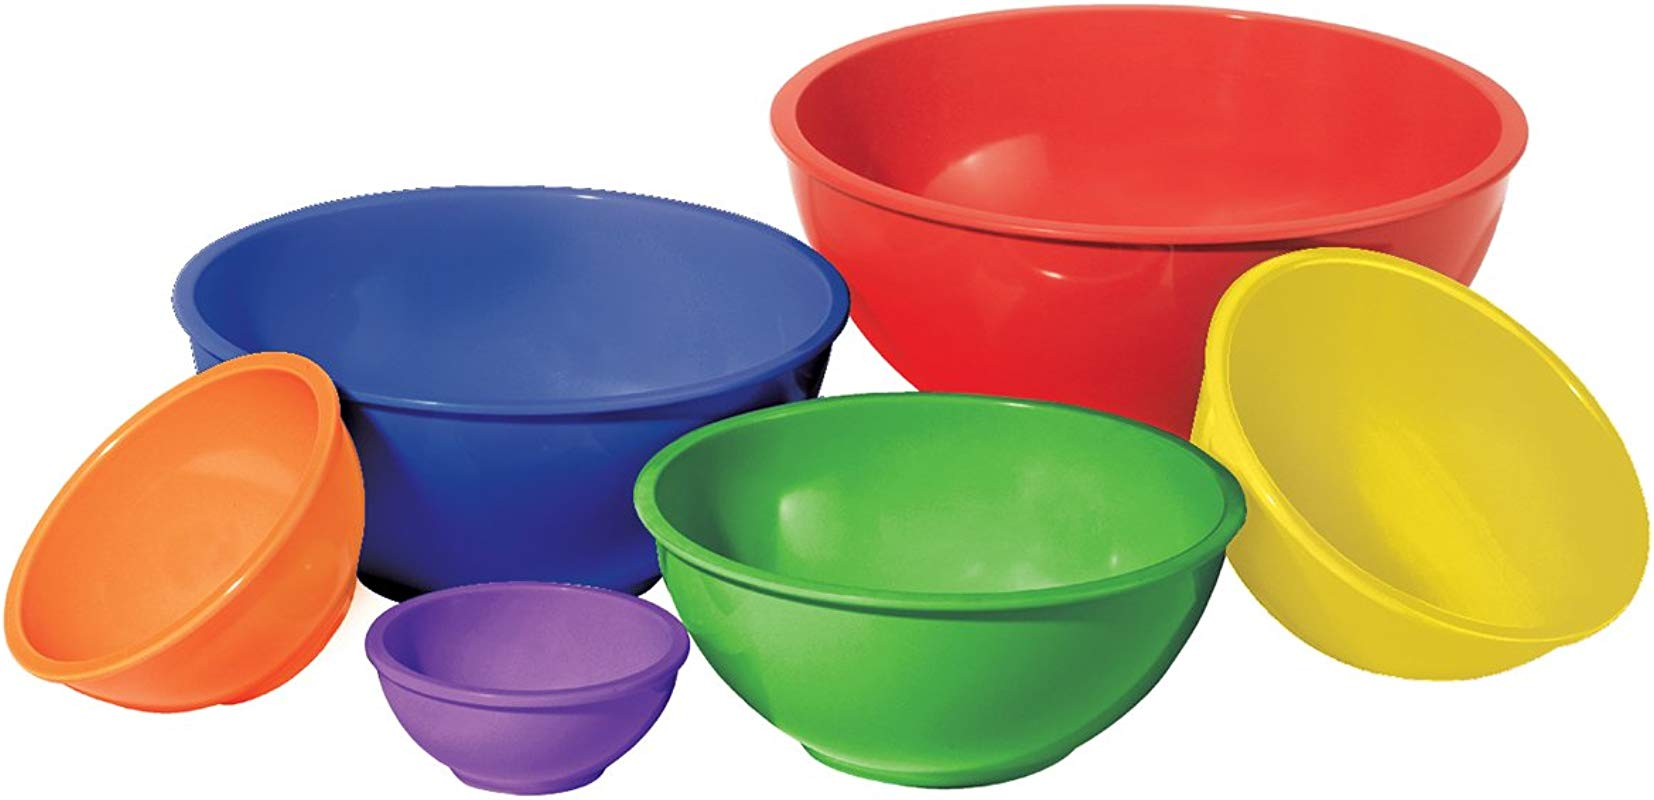 Oggi 5278 Melamine 6 Piece Mixing Bowl Set Assorted Color